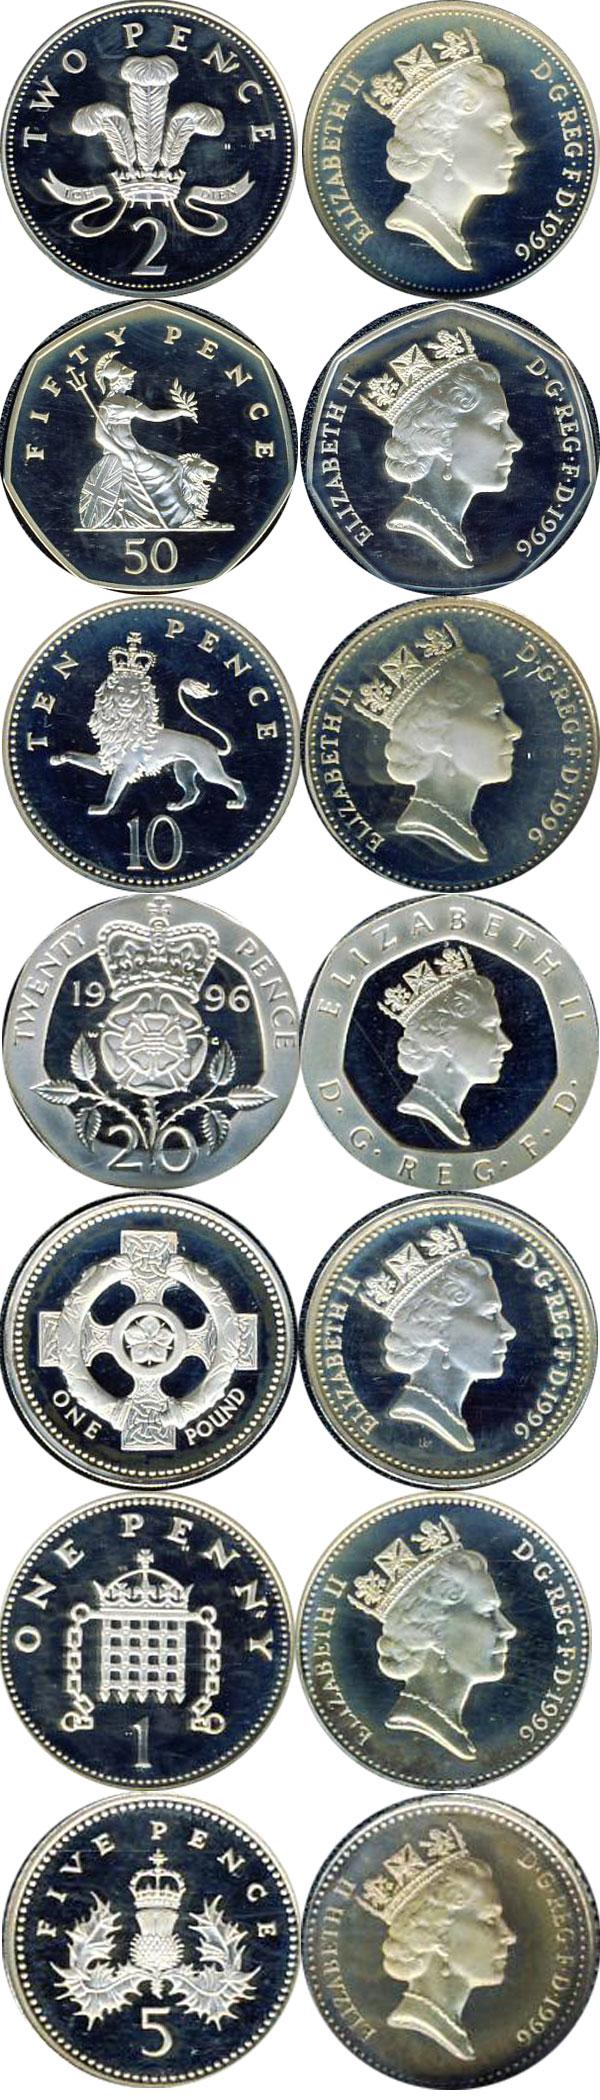 Картинка Подарочные наборы Великобритания Серебряный набор 1996 Серебро 1996